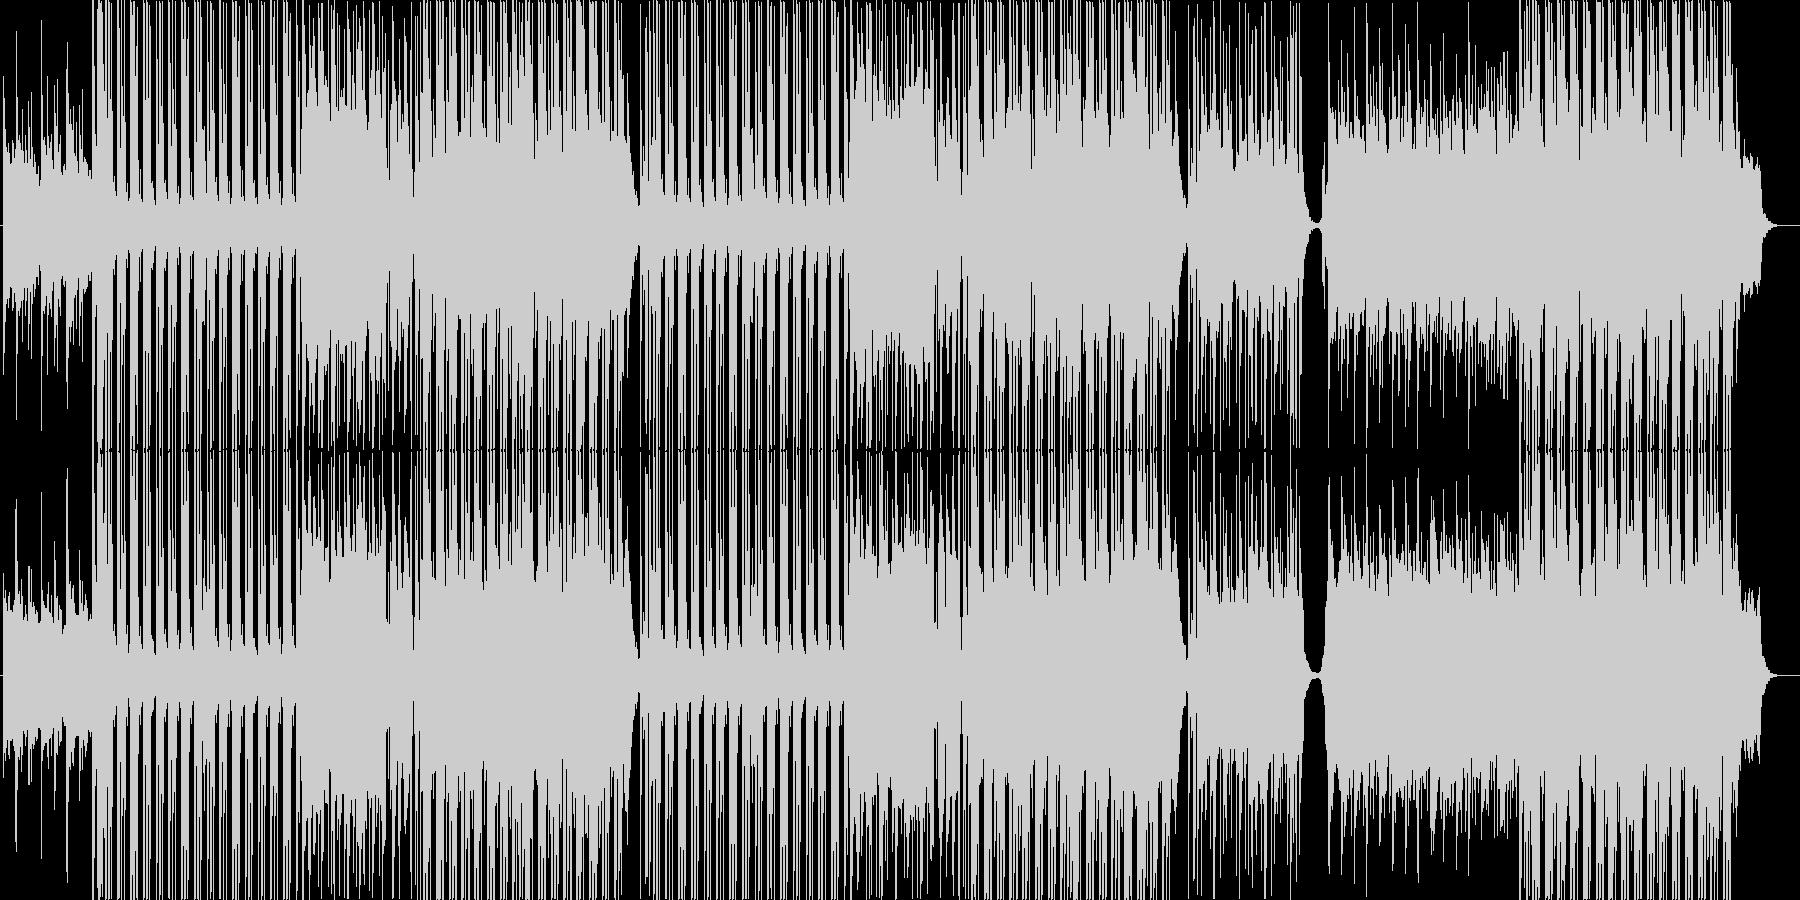 甘くせつないミッドR&Bバラード♬の未再生の波形